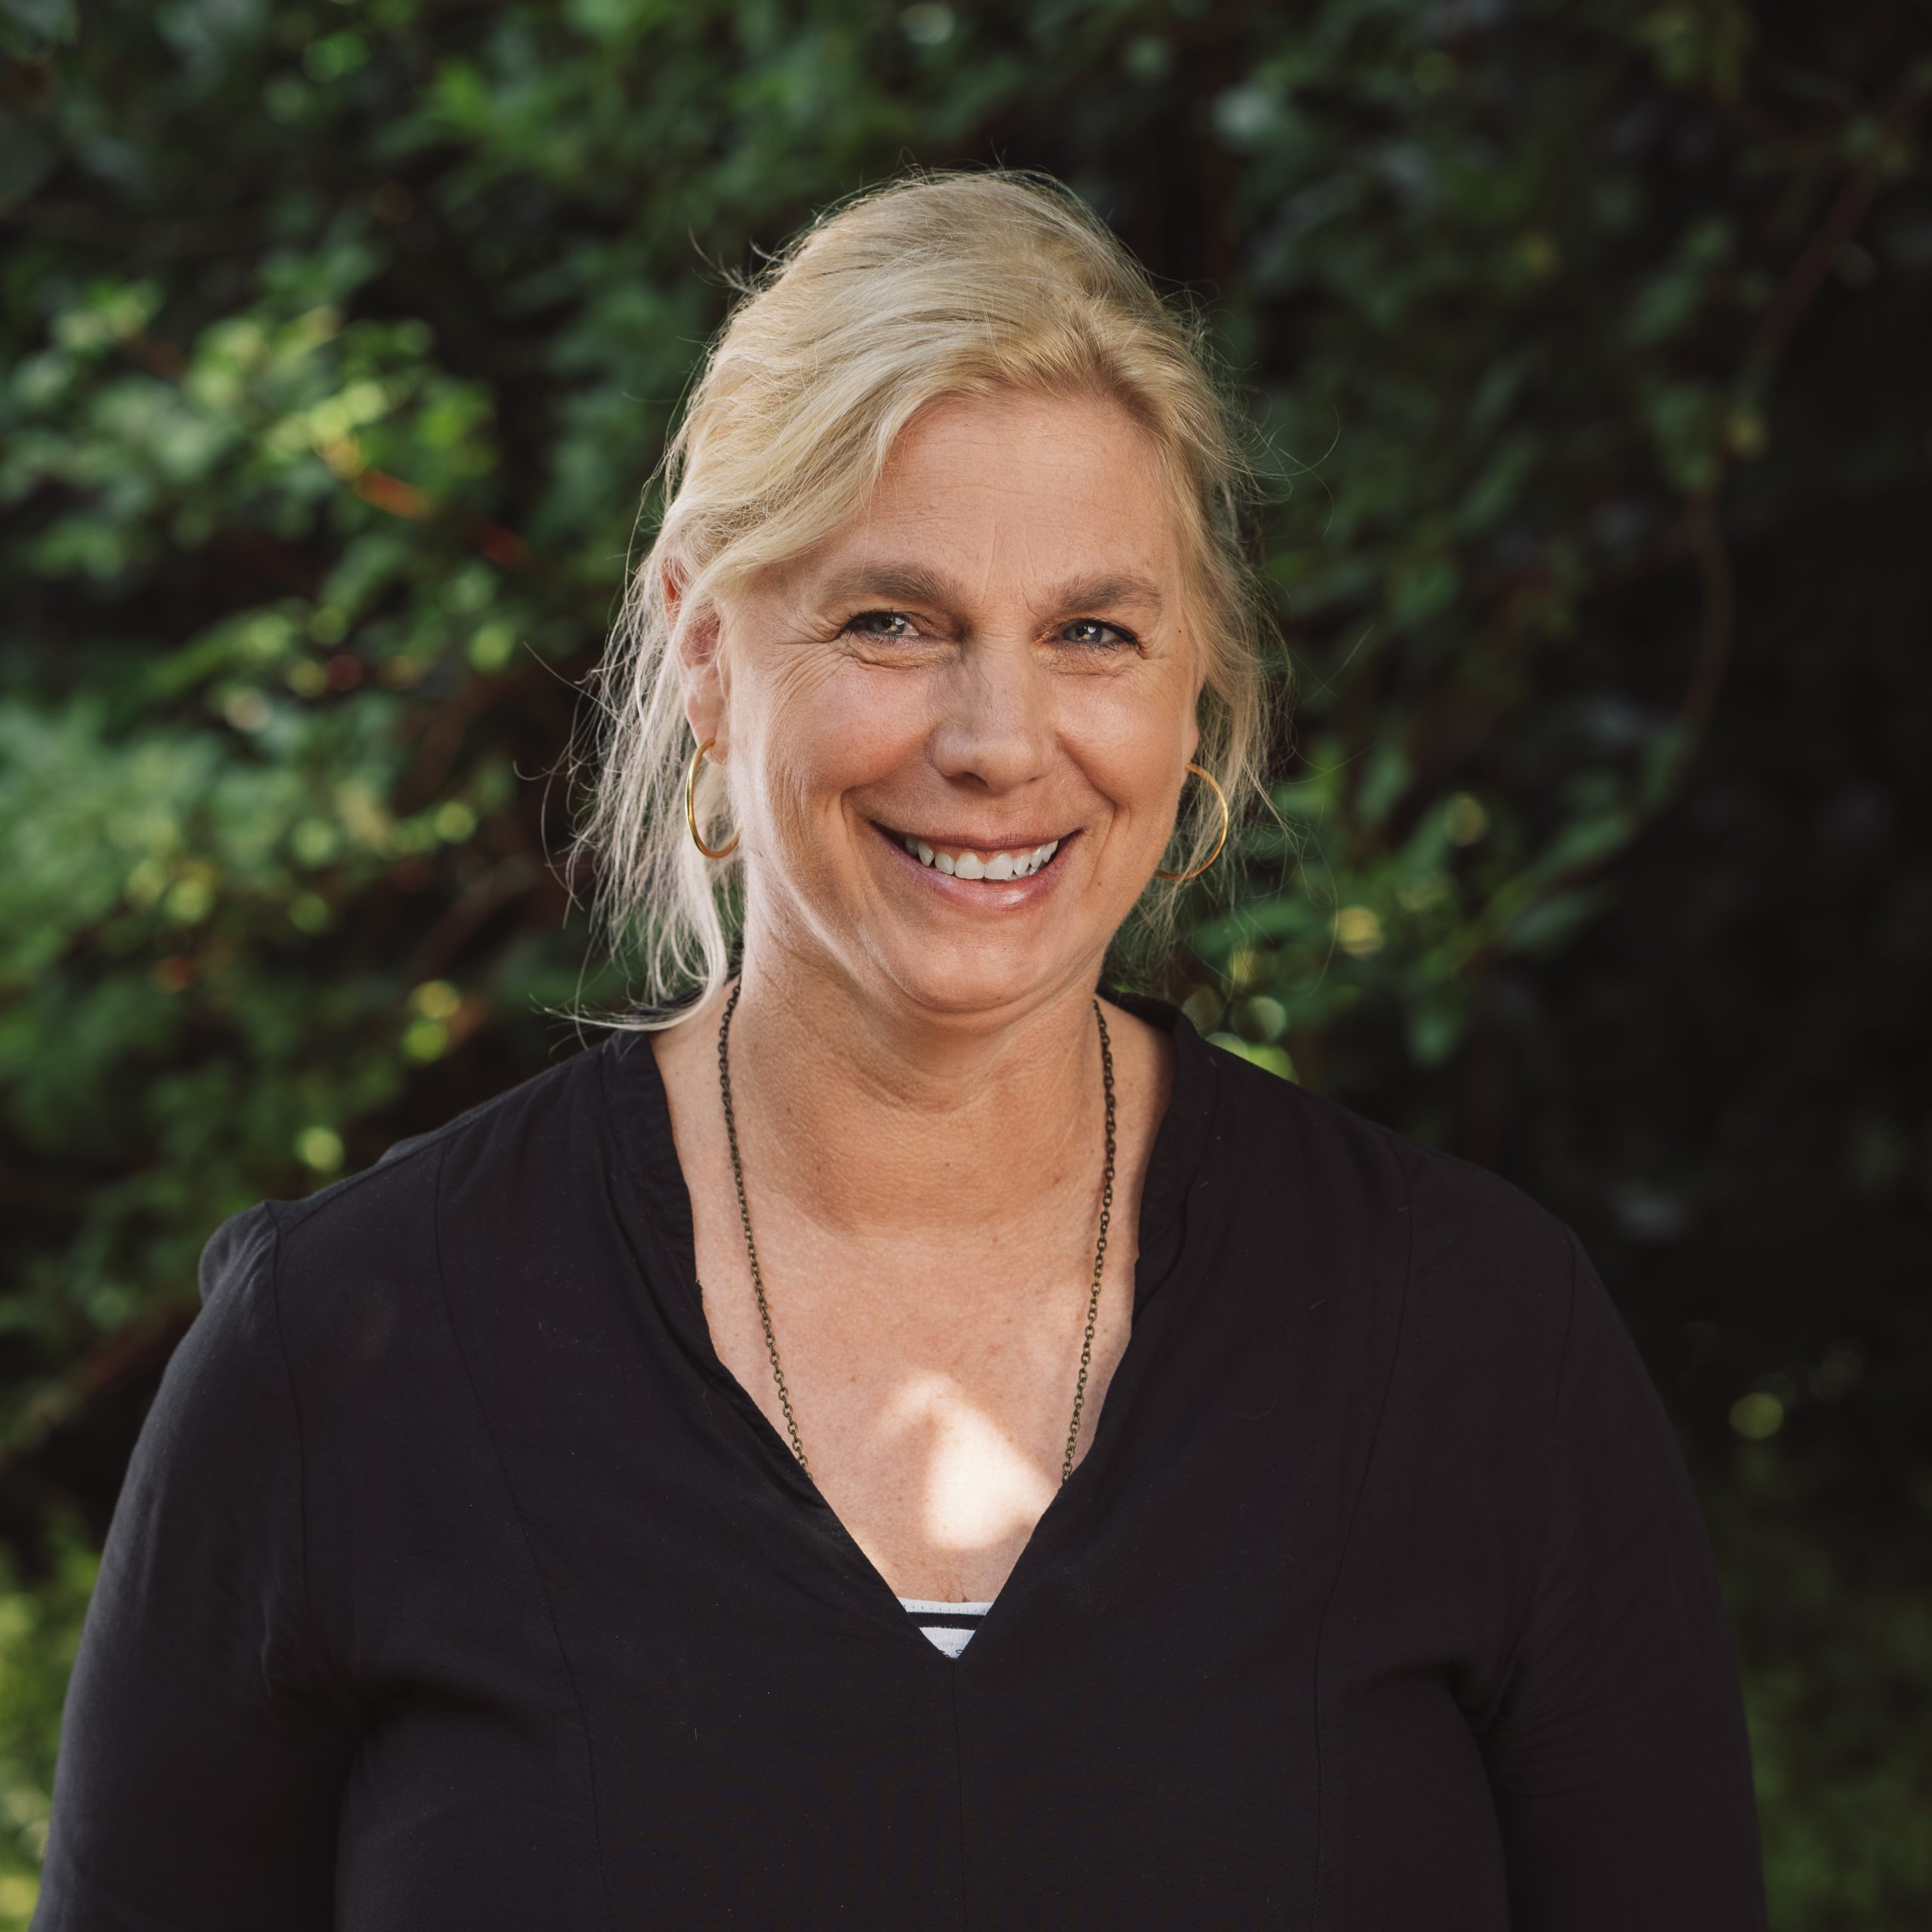 Simone Weidenbruch